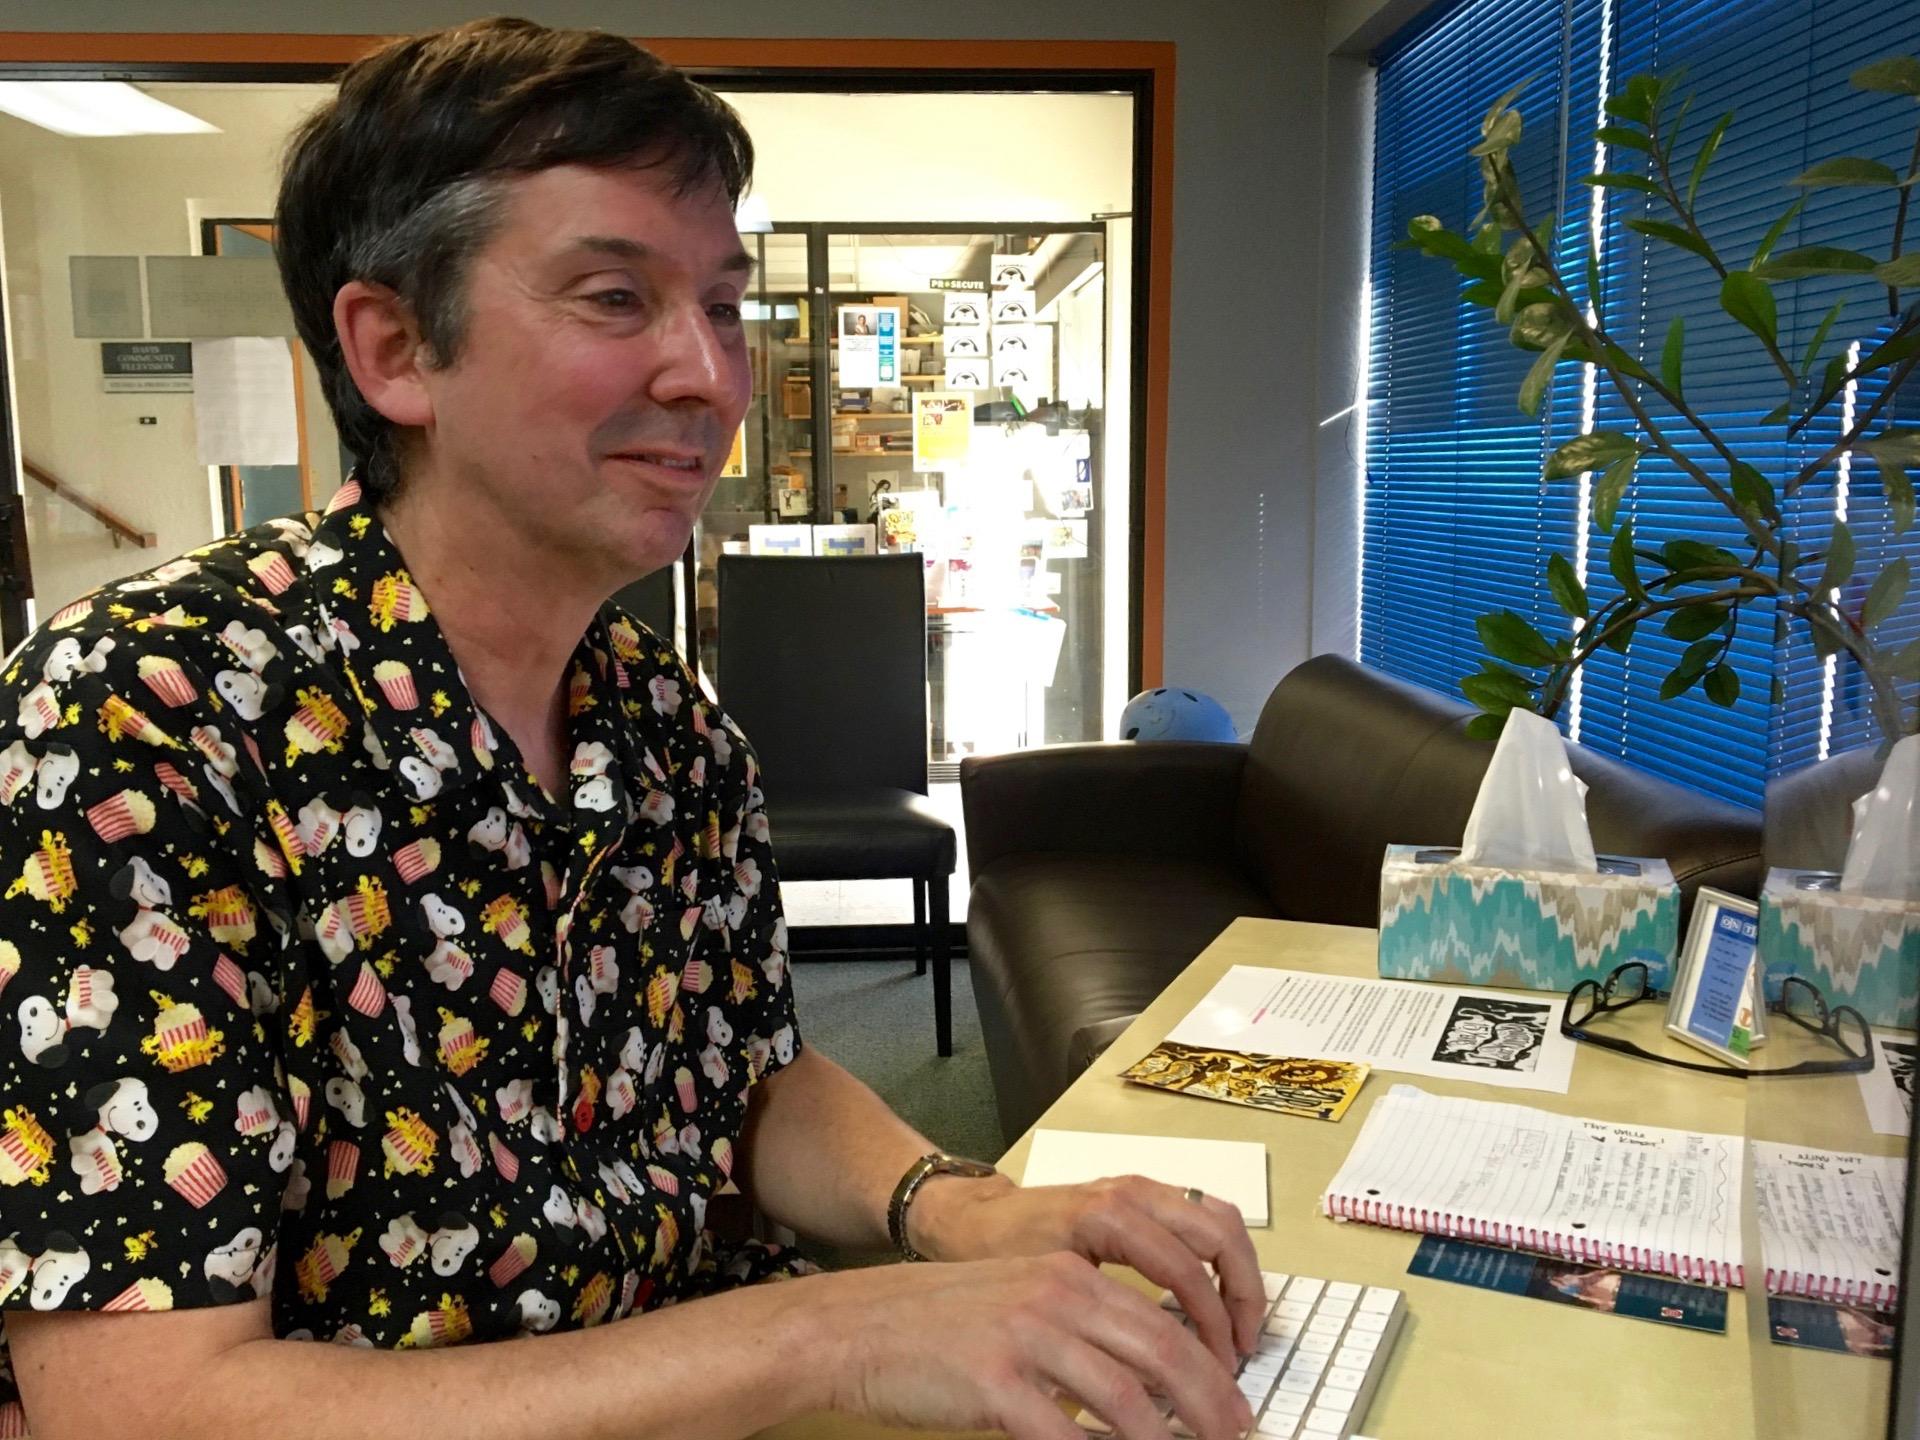 Derrick Bang at the keyboard, 2019